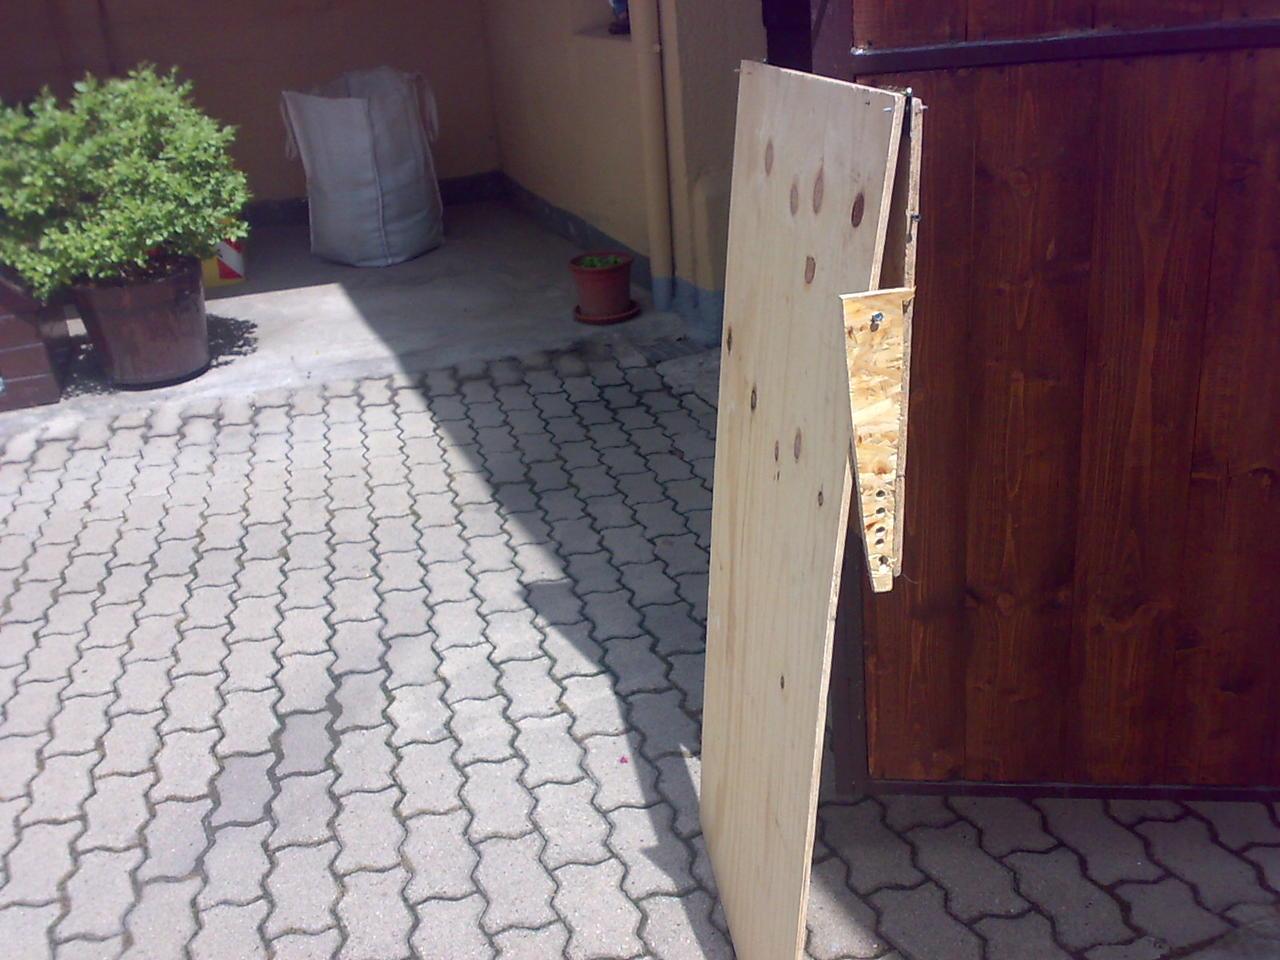 Costruire Una Rampa Per I Salti - Pagina 2 - BaroneRosso.it - Forum Modellismo